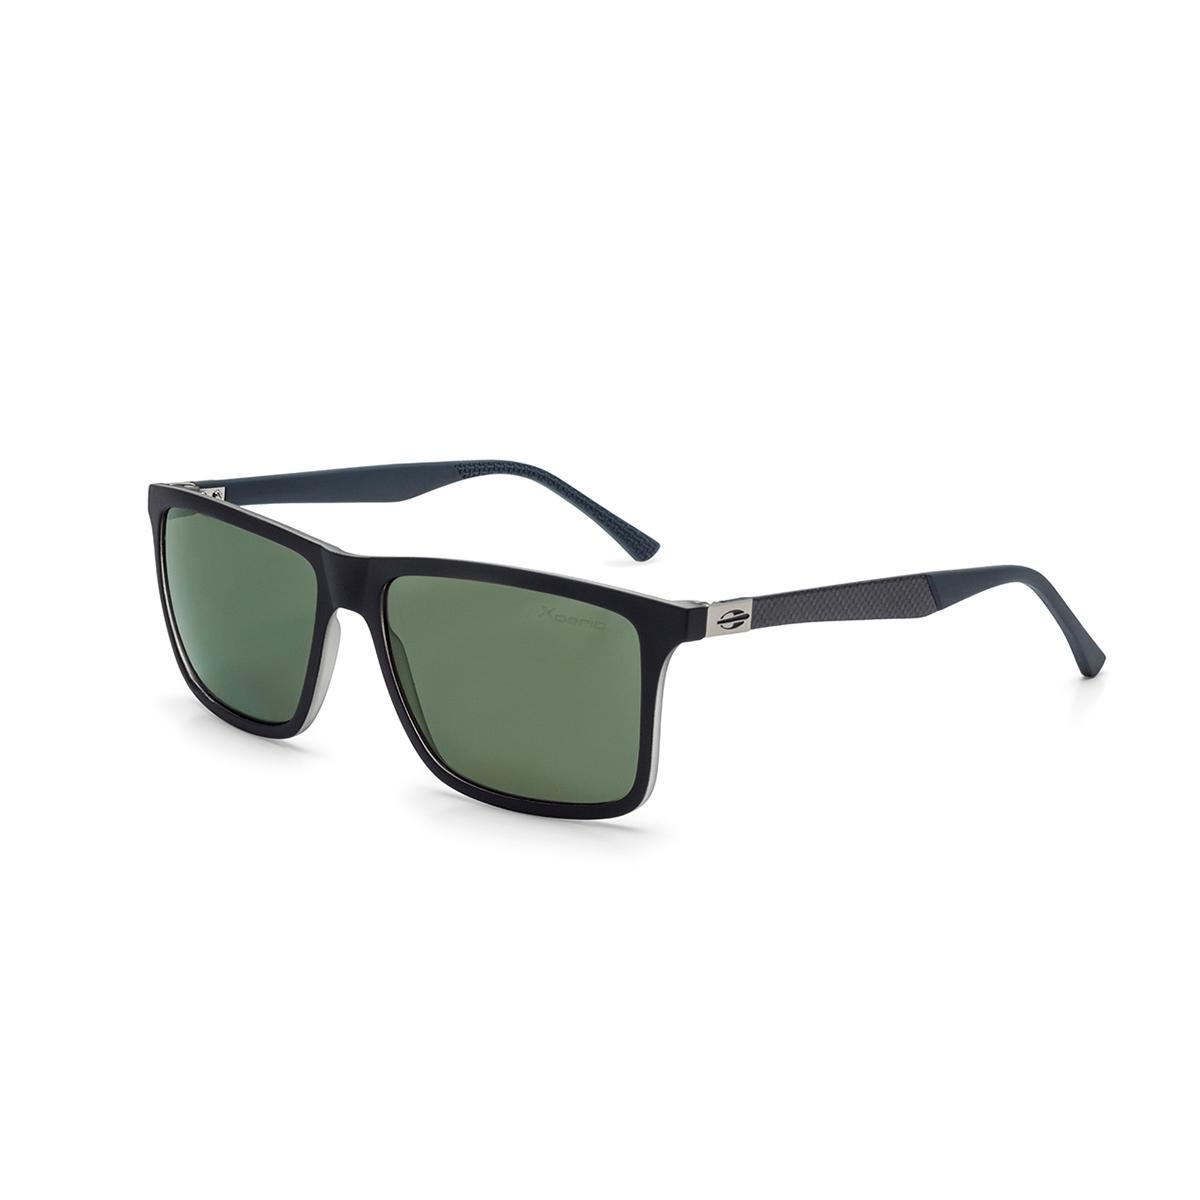 Óculos de Sol Mormaii KONA PLUS M0058 ADG 89 Preto Lente Polarizada Verde  Escuro Tam 54 R  279,99 à vista. Adicionar à sacola 68038e5662